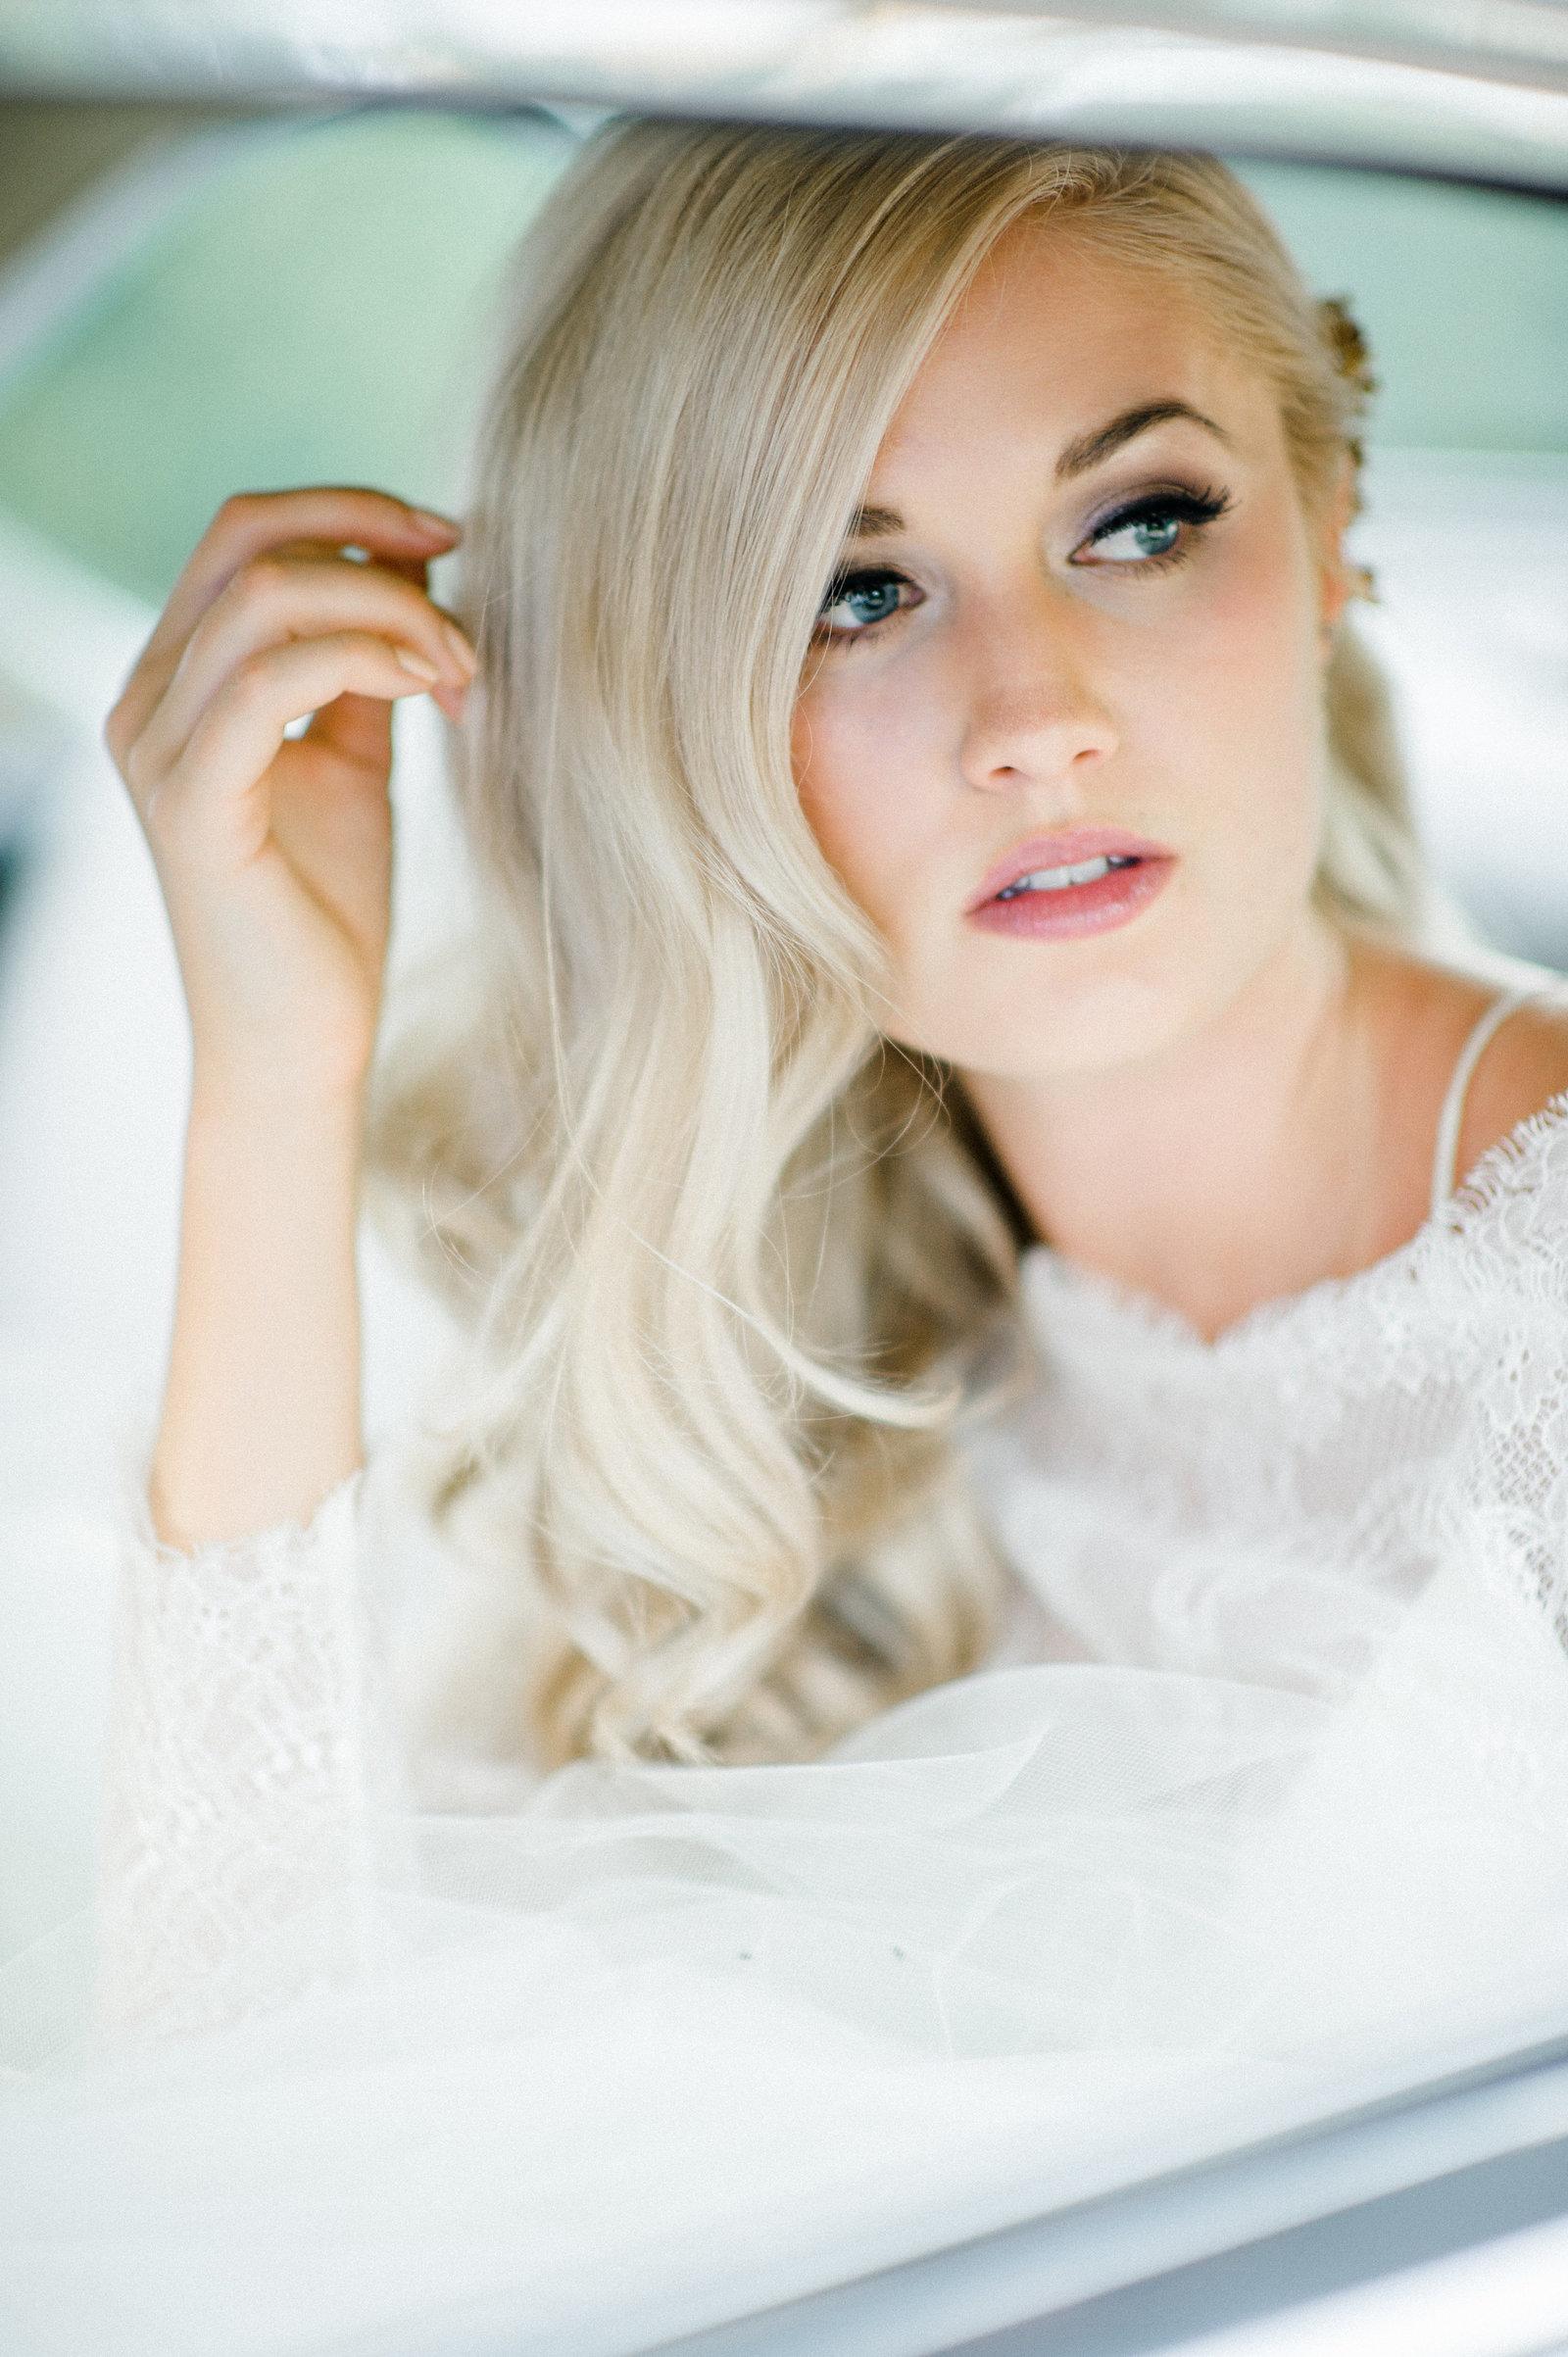 CarolineLimaPhotography_TheSutherland_Editorial_2016_306